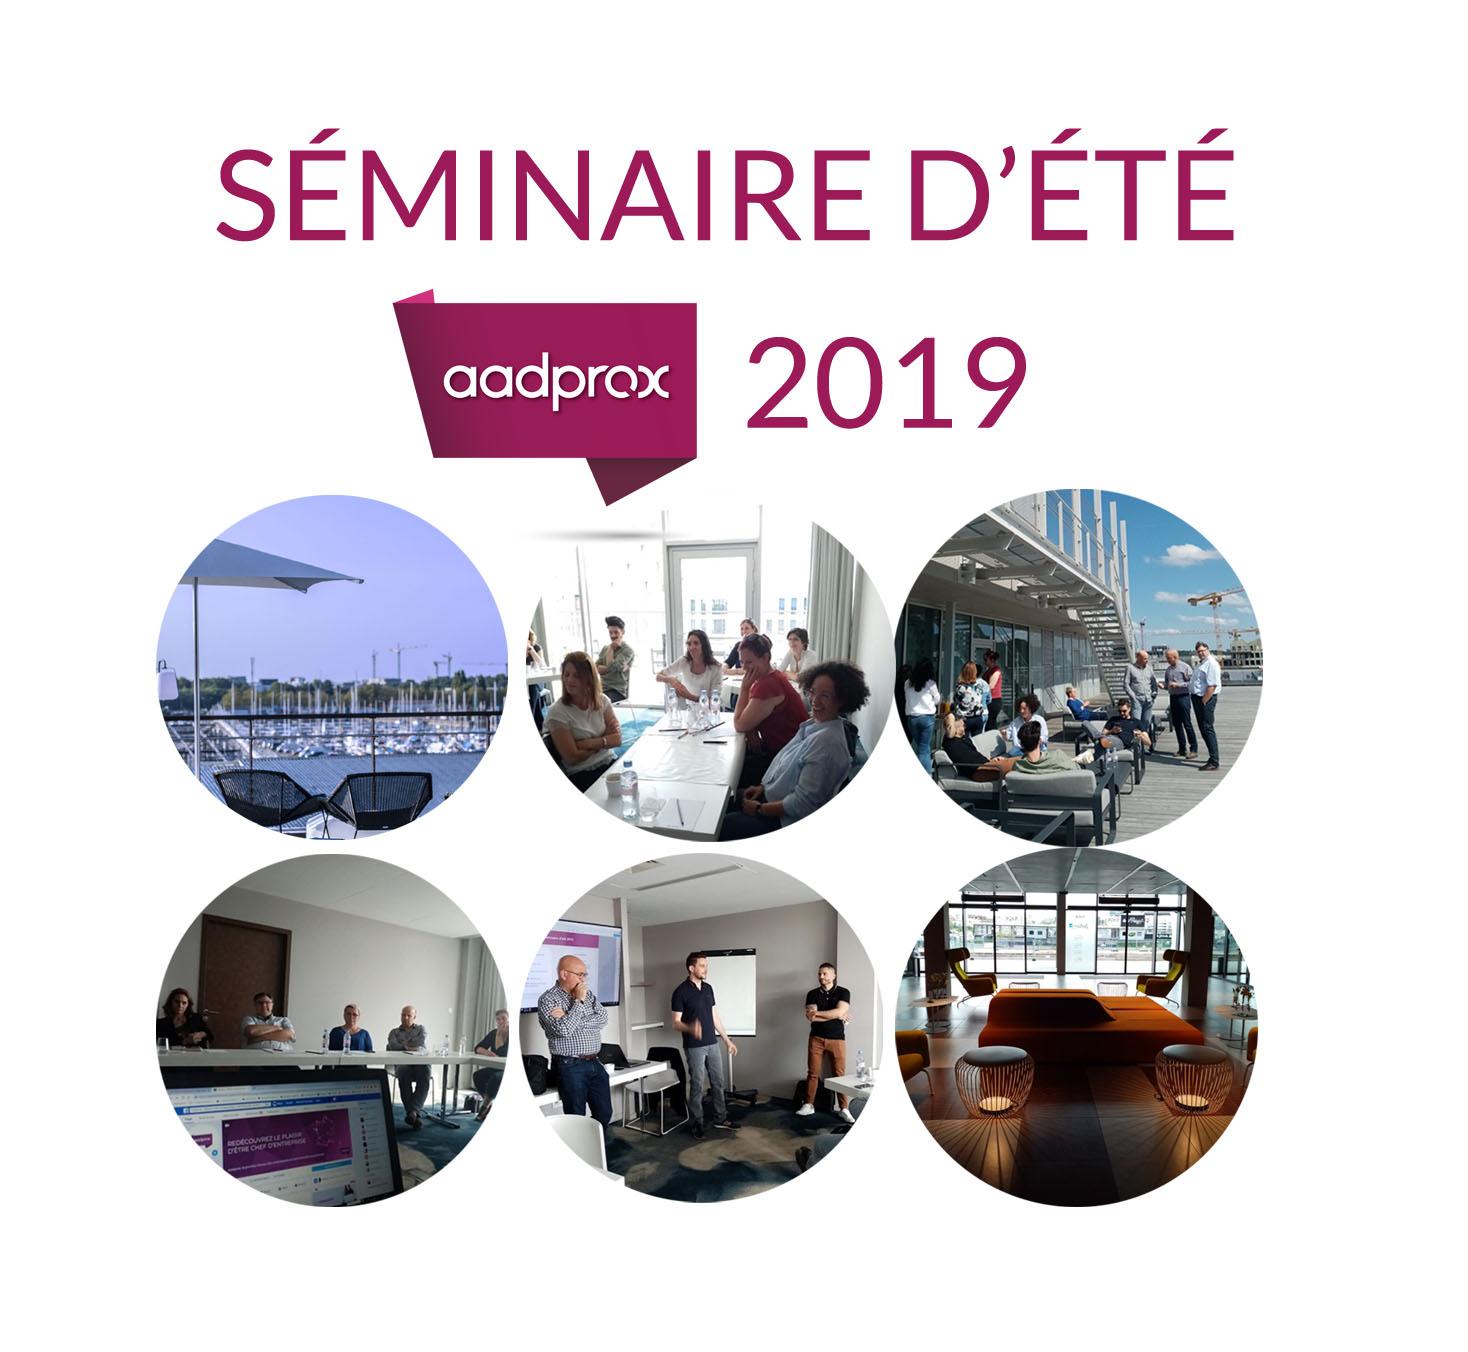 Compte rendu du séminaire d'été 2019